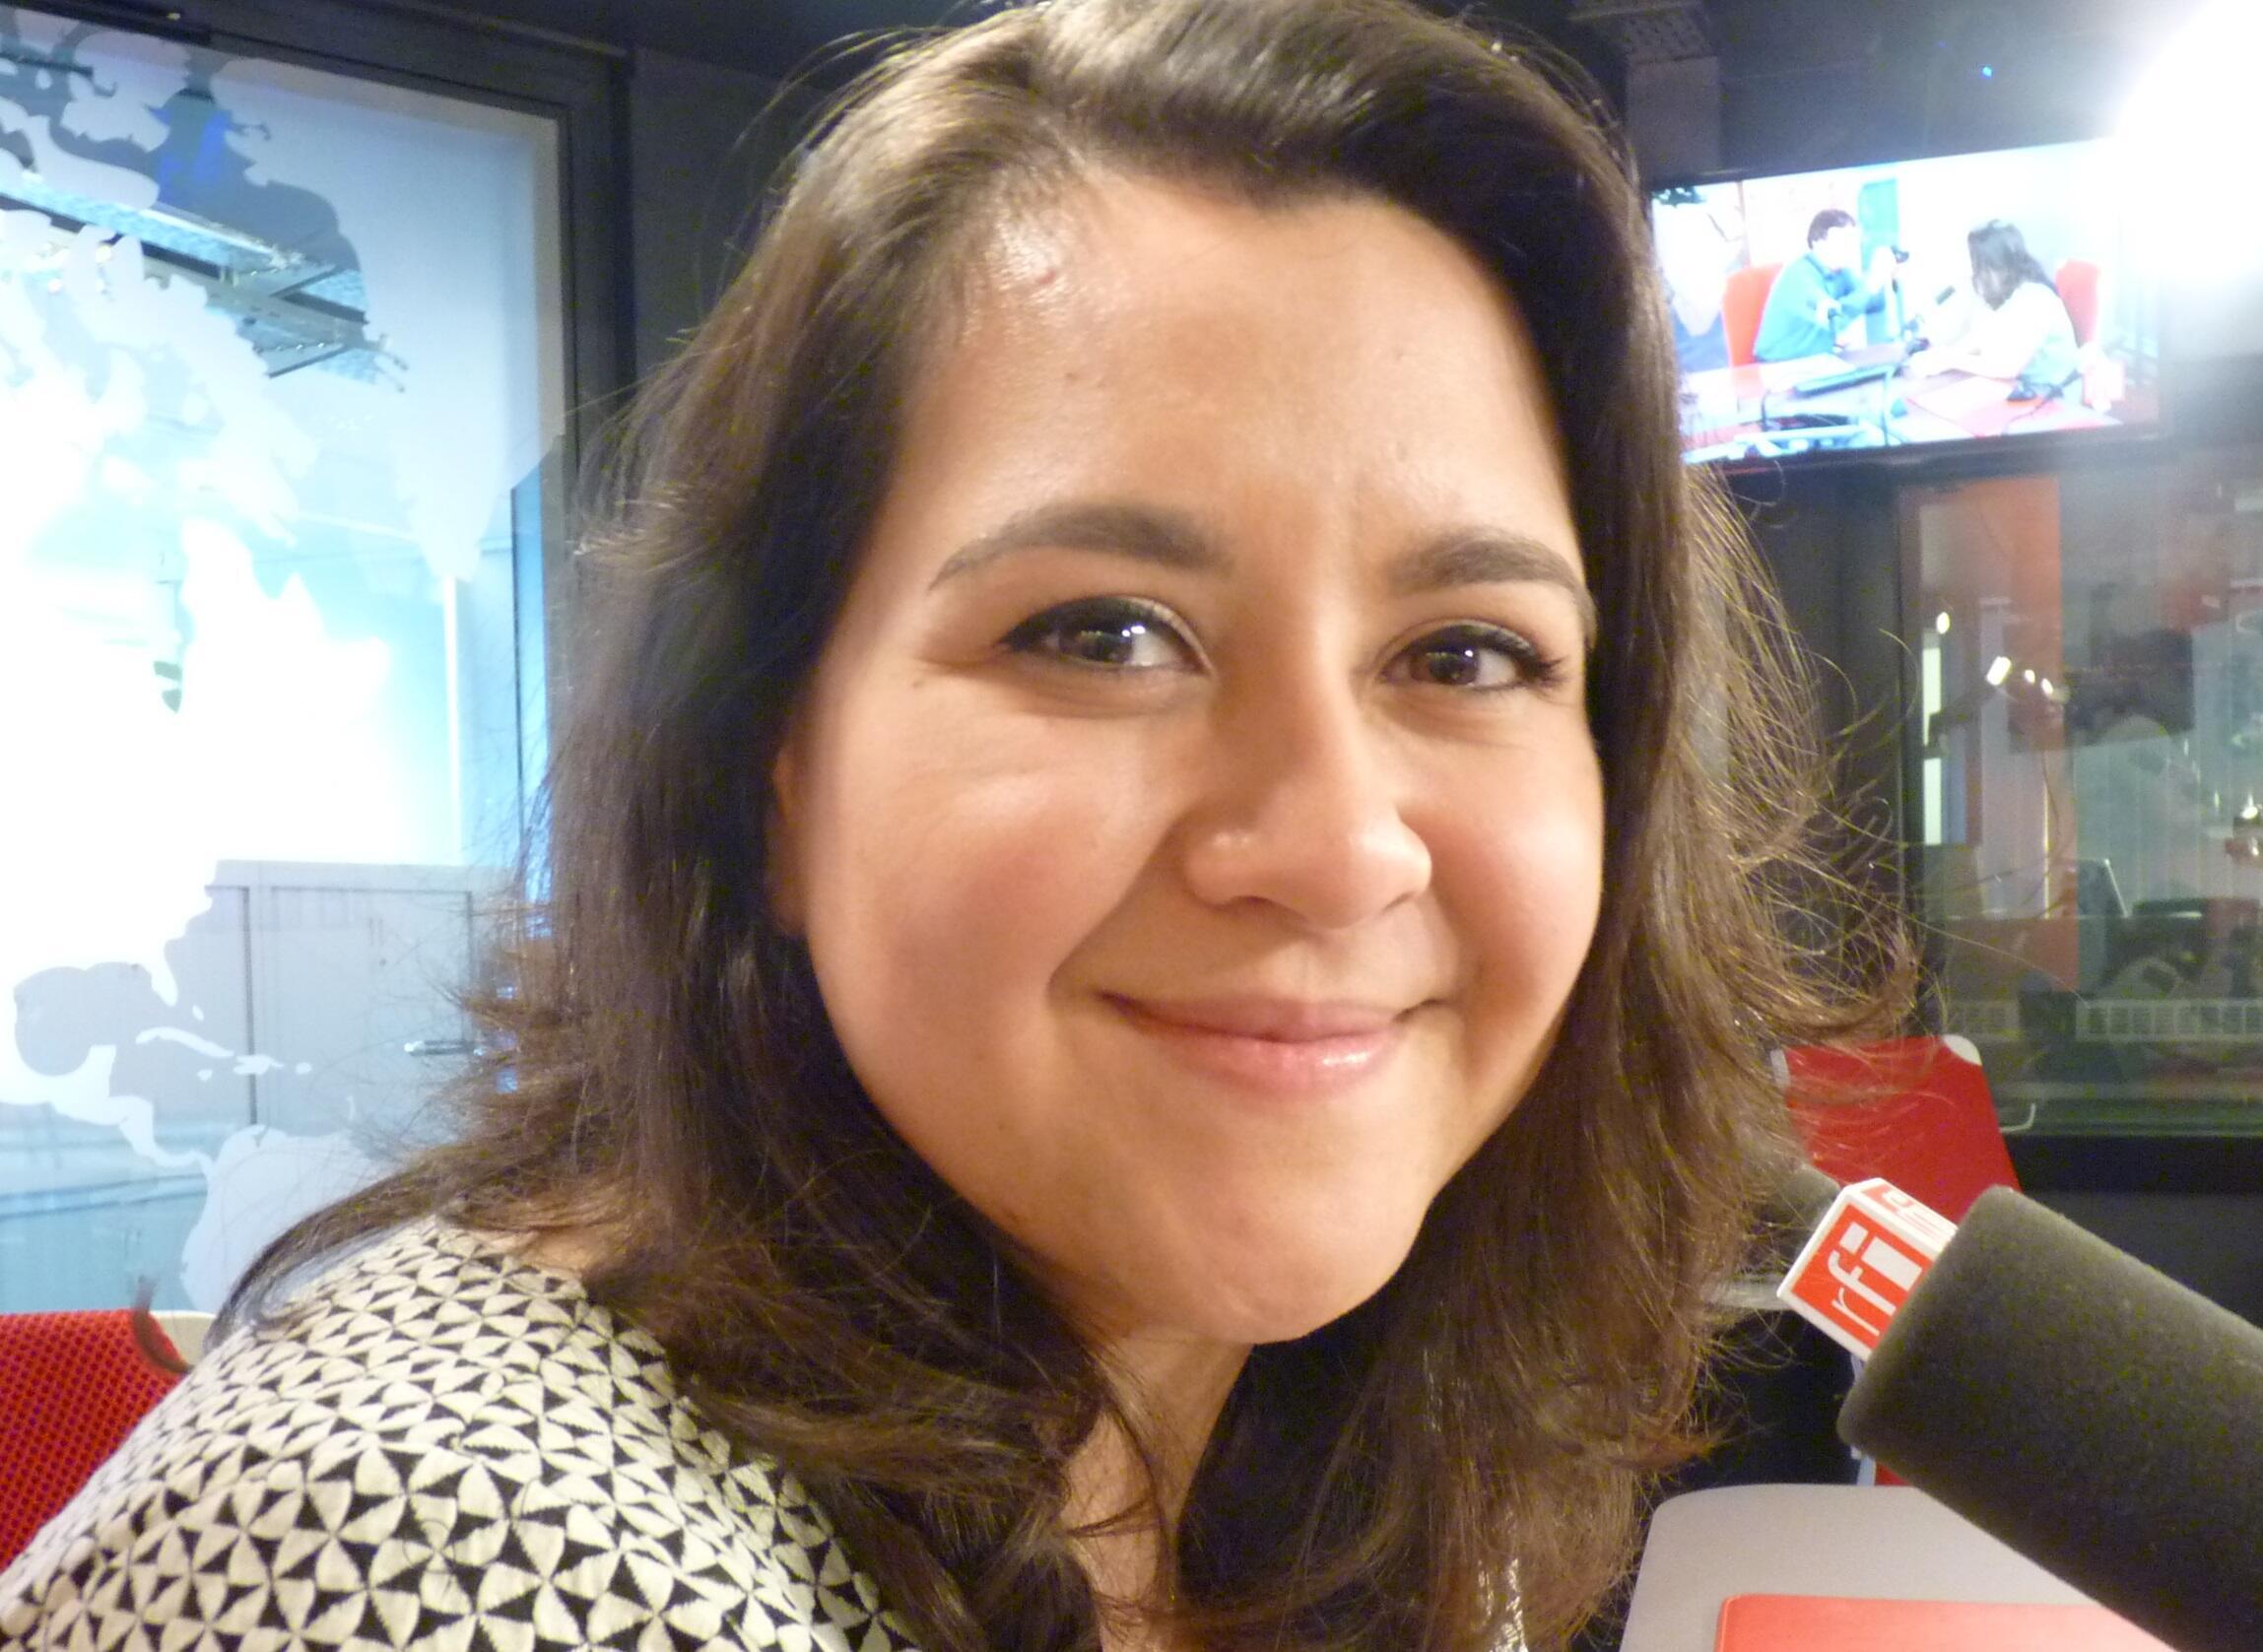 La soprano guatemalteca Adriana González en los estudios de RFI en París.